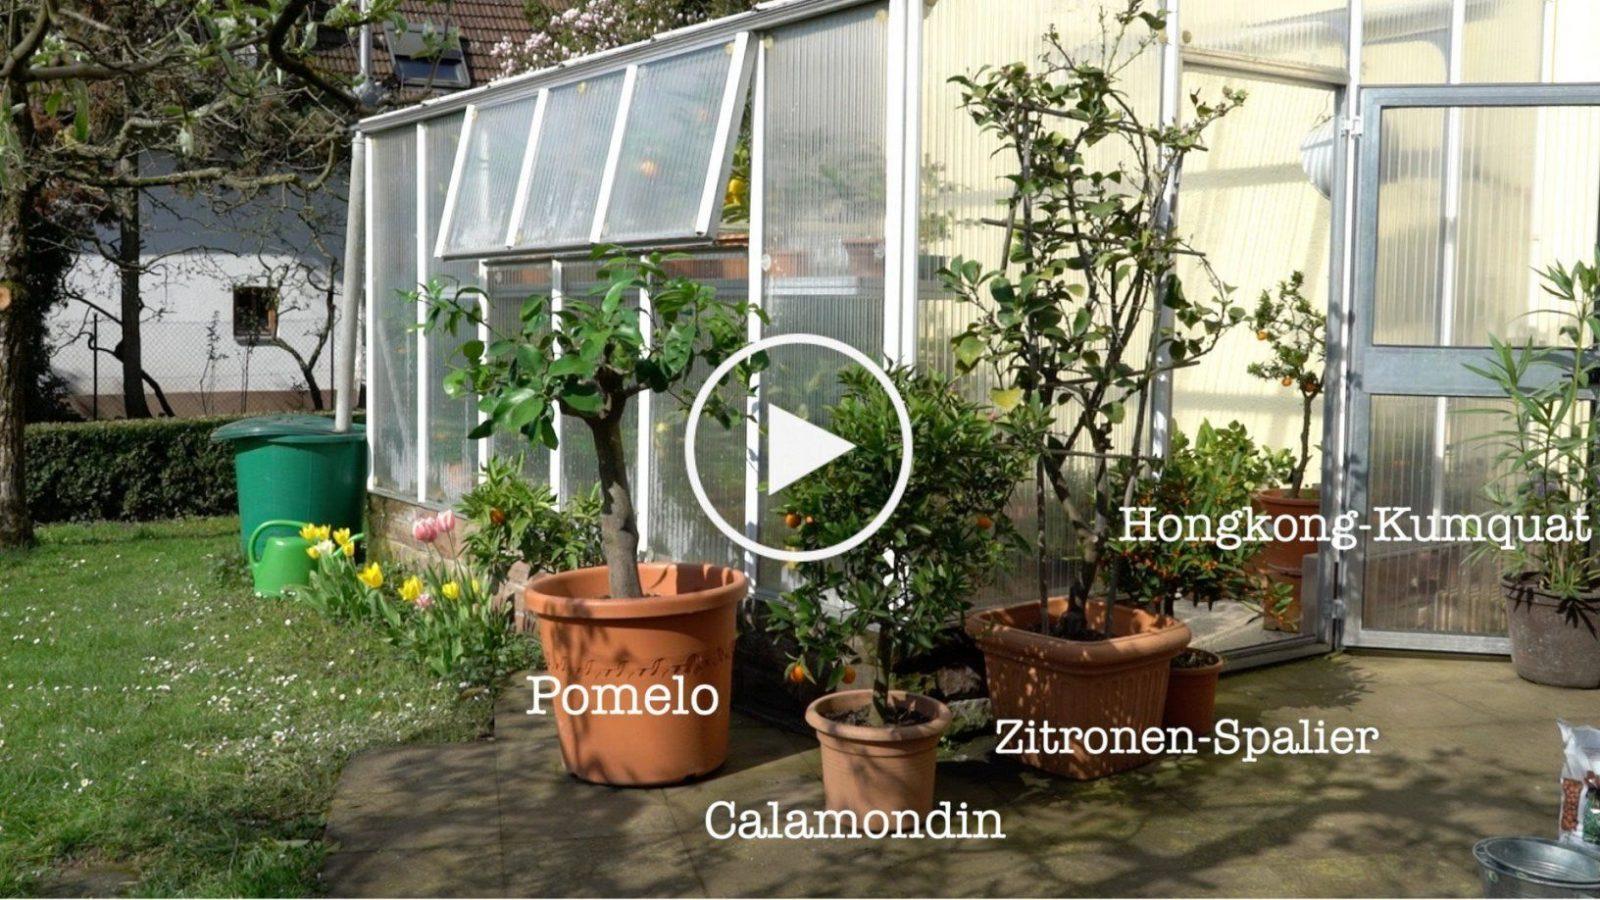 Mein Schöner Garten Forum Awesome Dekor Bezieht Sich Auf Mein von Mein Schöner Garten Forum Photo